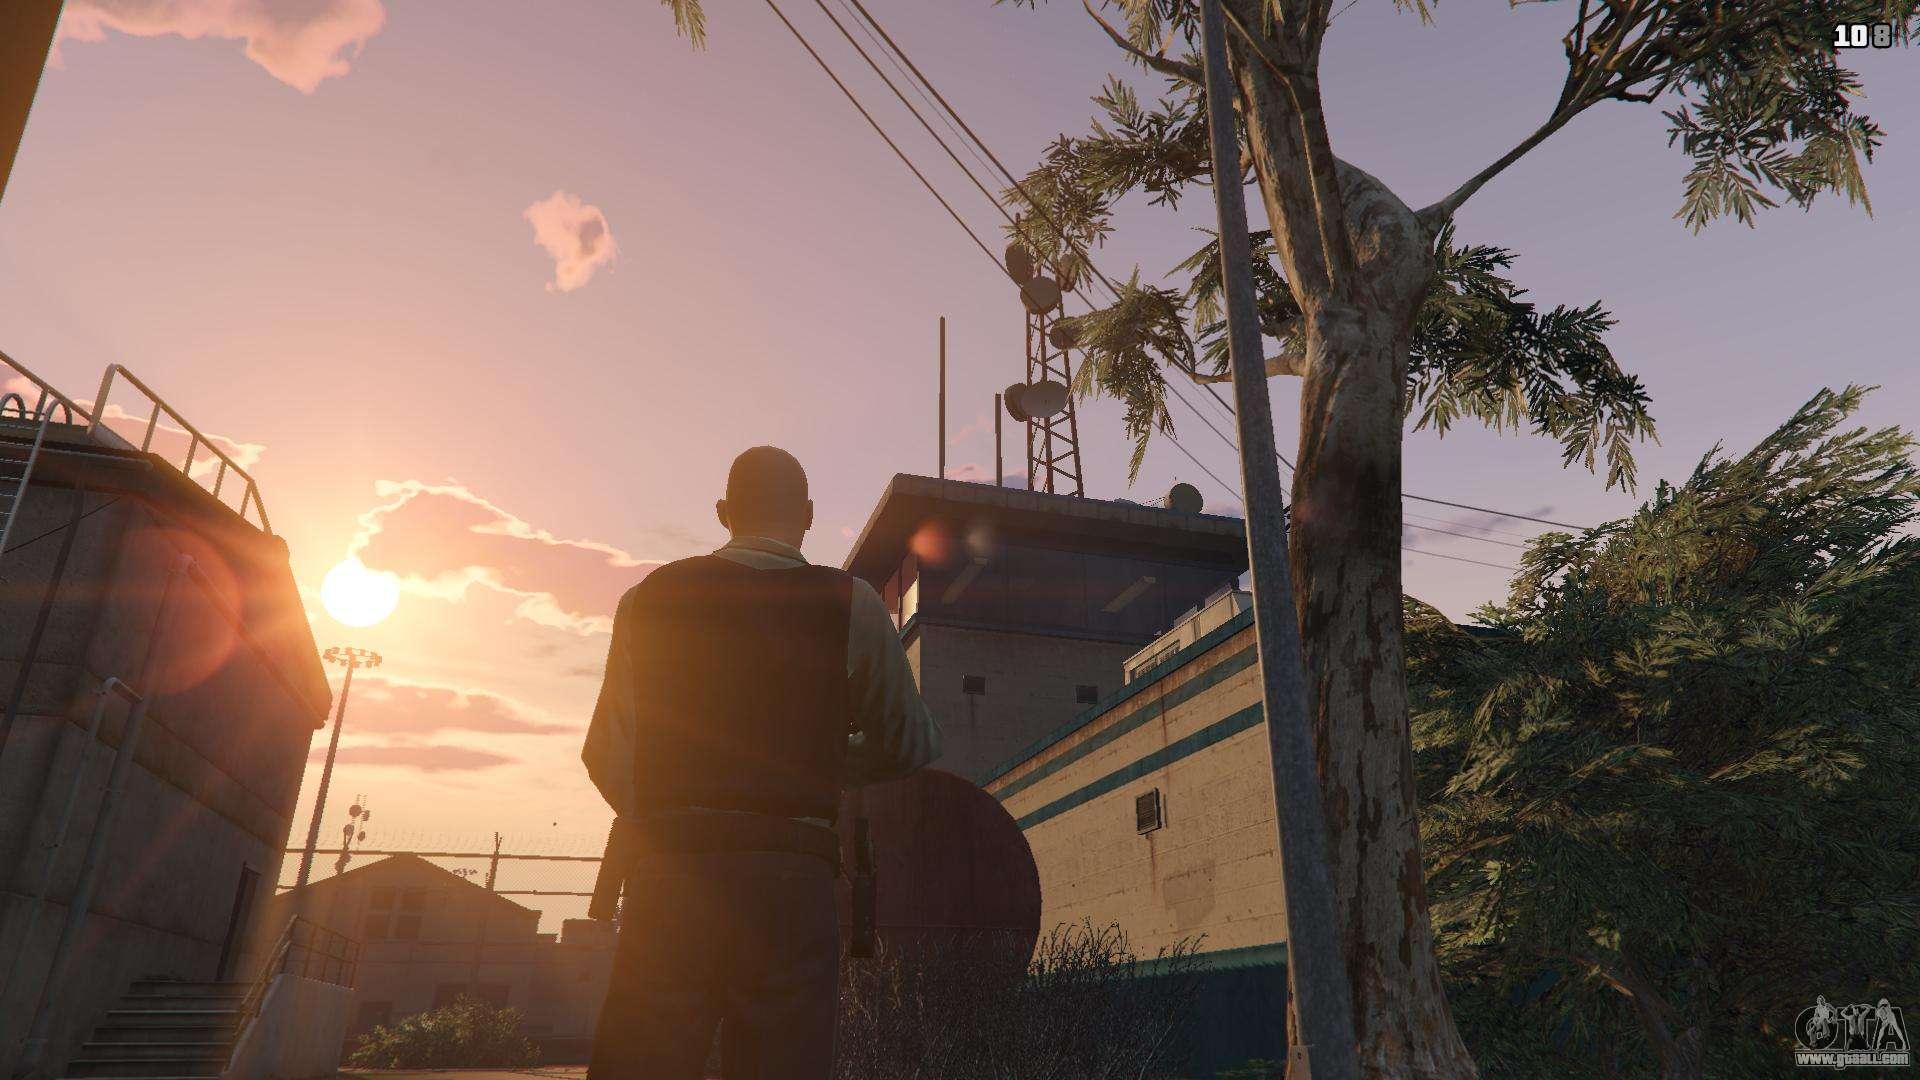 M I F - Fallout Scene Mission 1 0 (Menyoo) for GTA 5